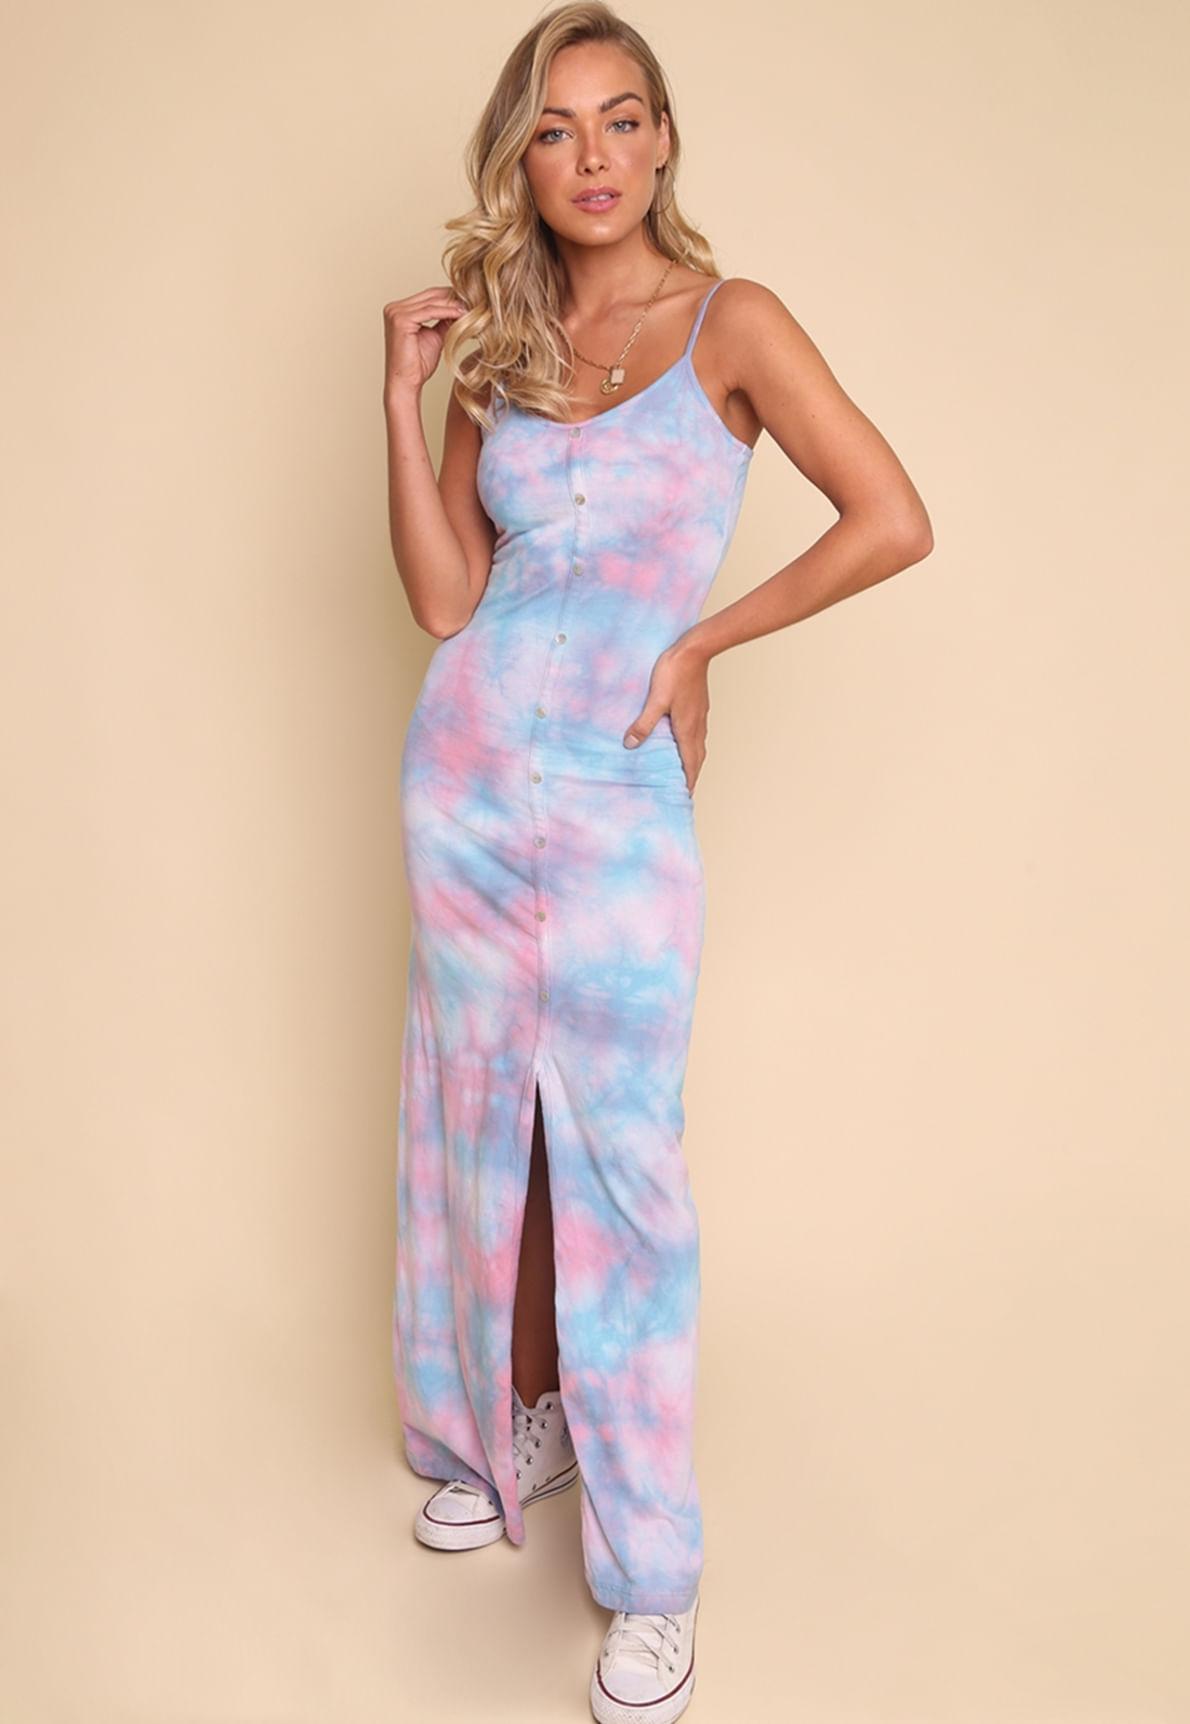 30644-vestido-tie-dye-aspen-mundo-lolita-01